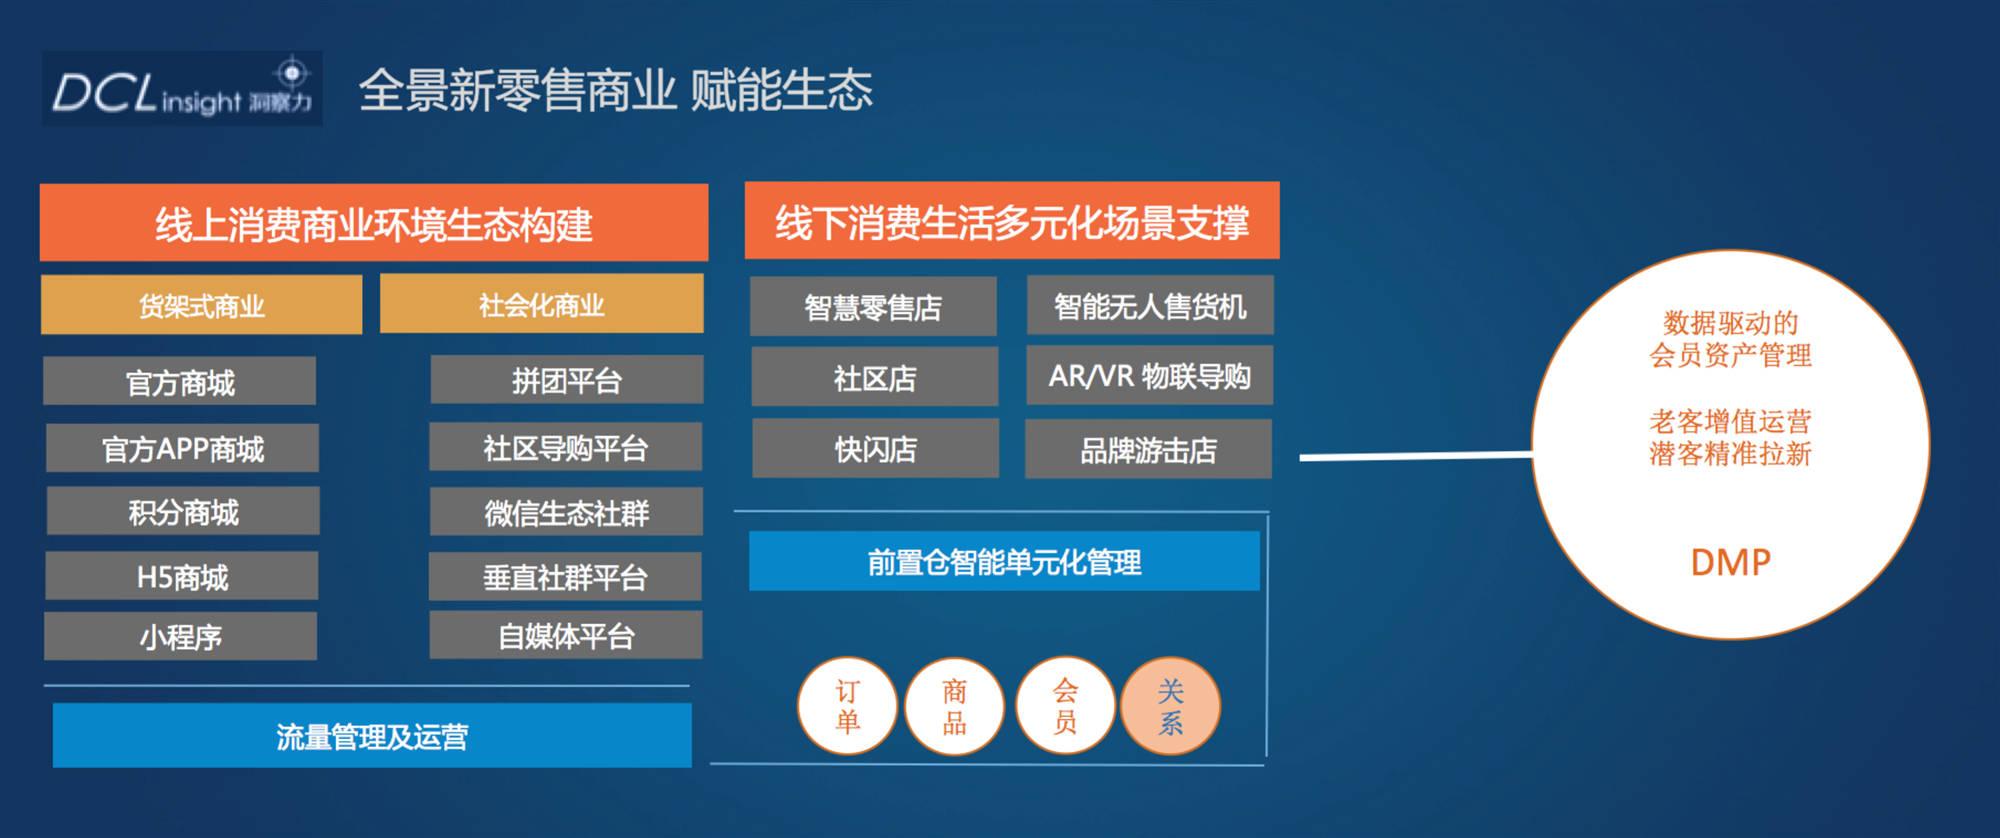 上海洞察力软件信息科技有限公司